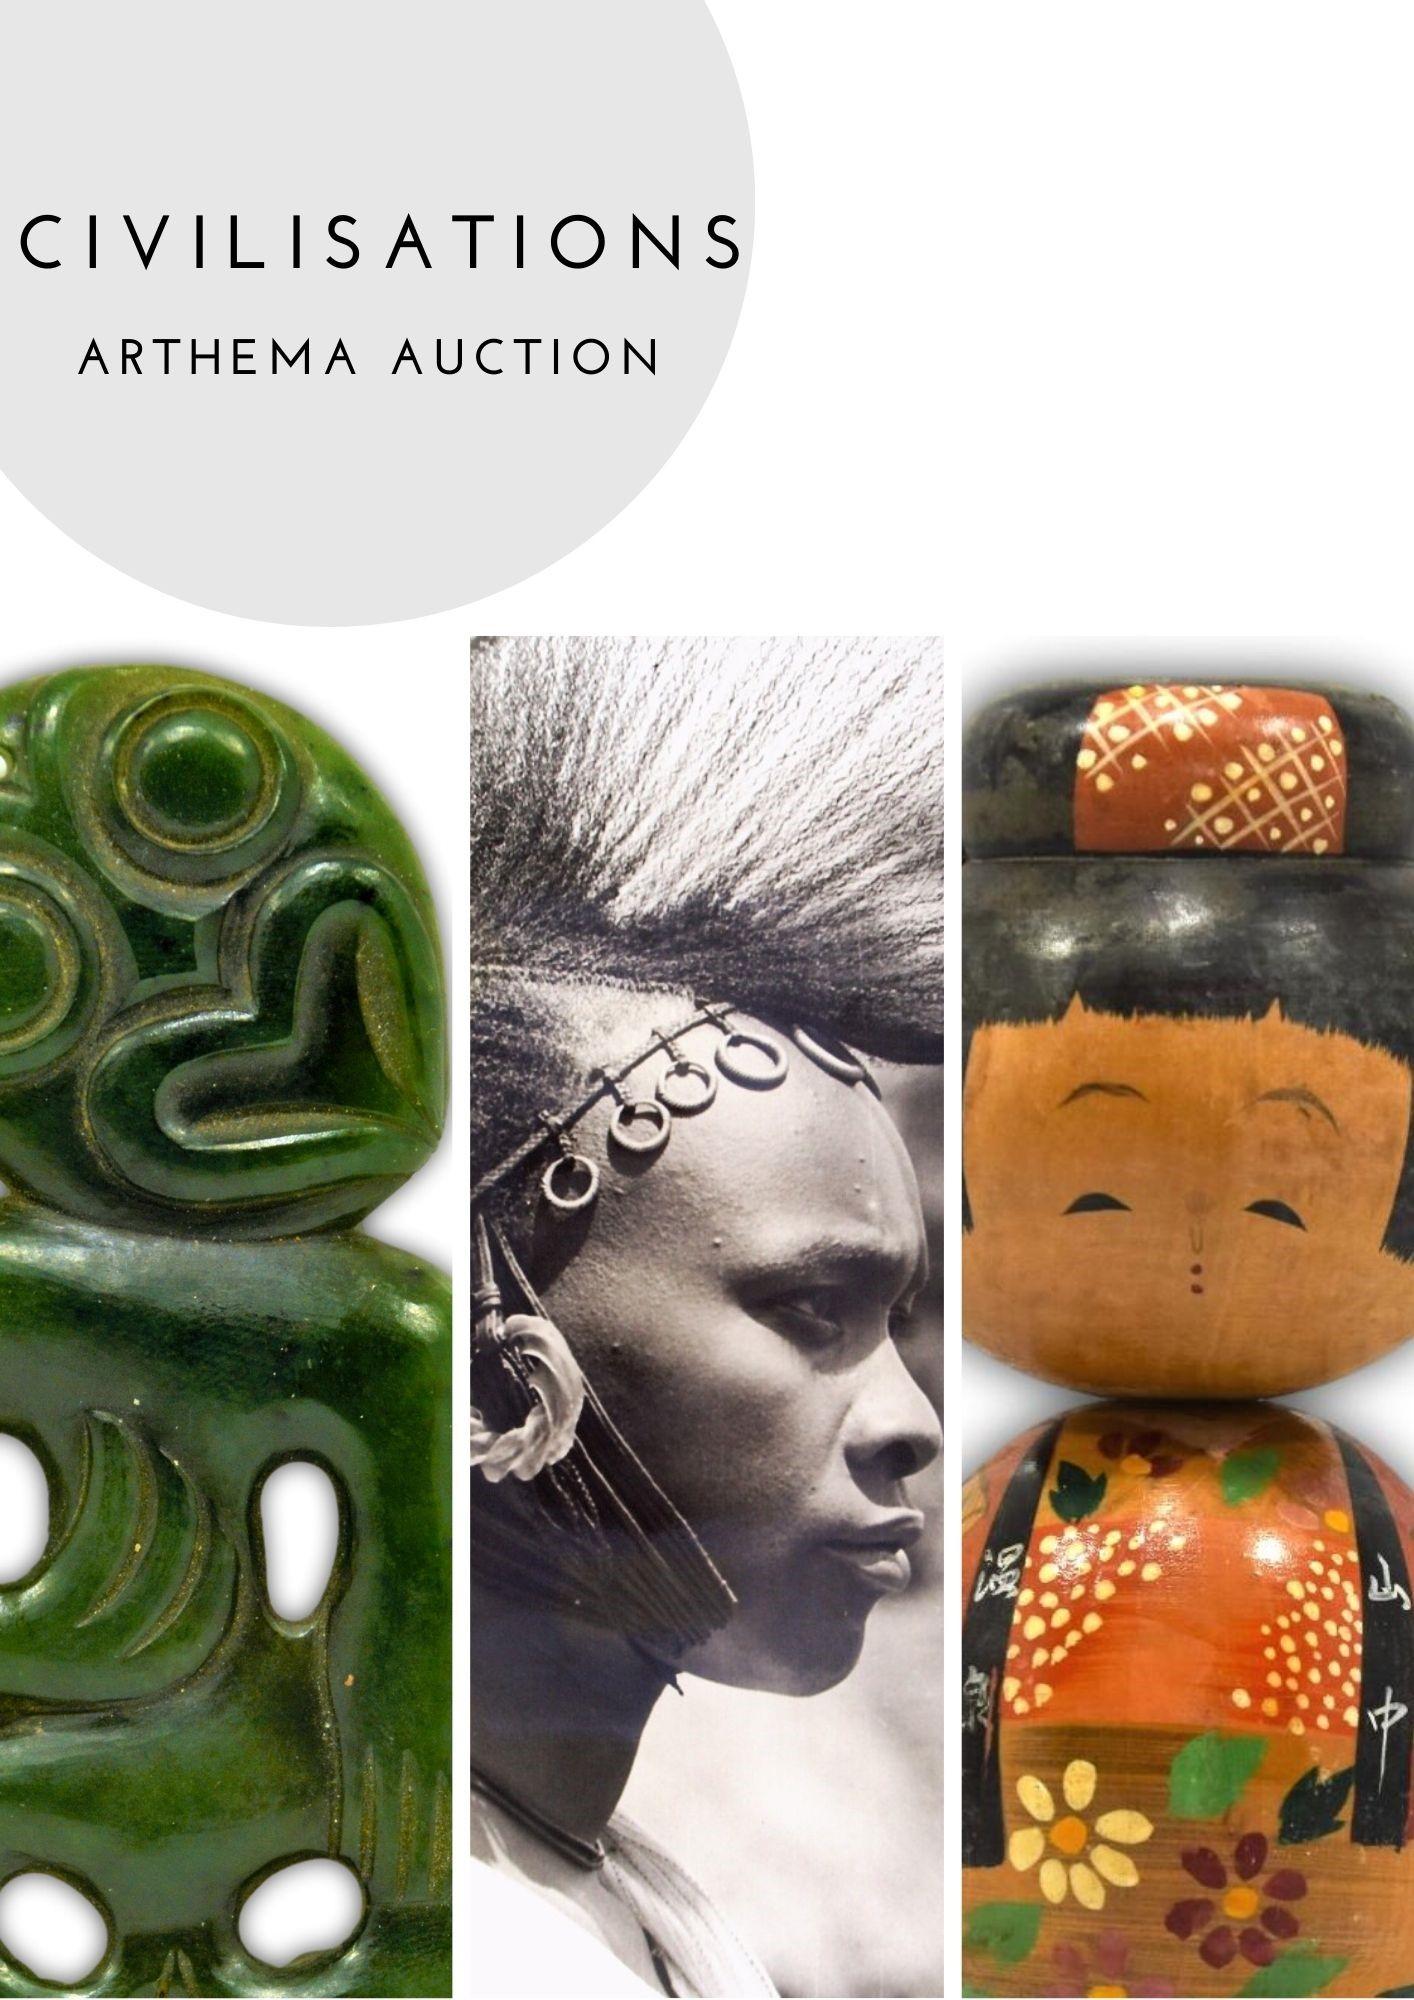 Vente Civilisations : Asie, Amérique, Afrique, Australie et Océanie  chez Arthema Auction : 232 lots